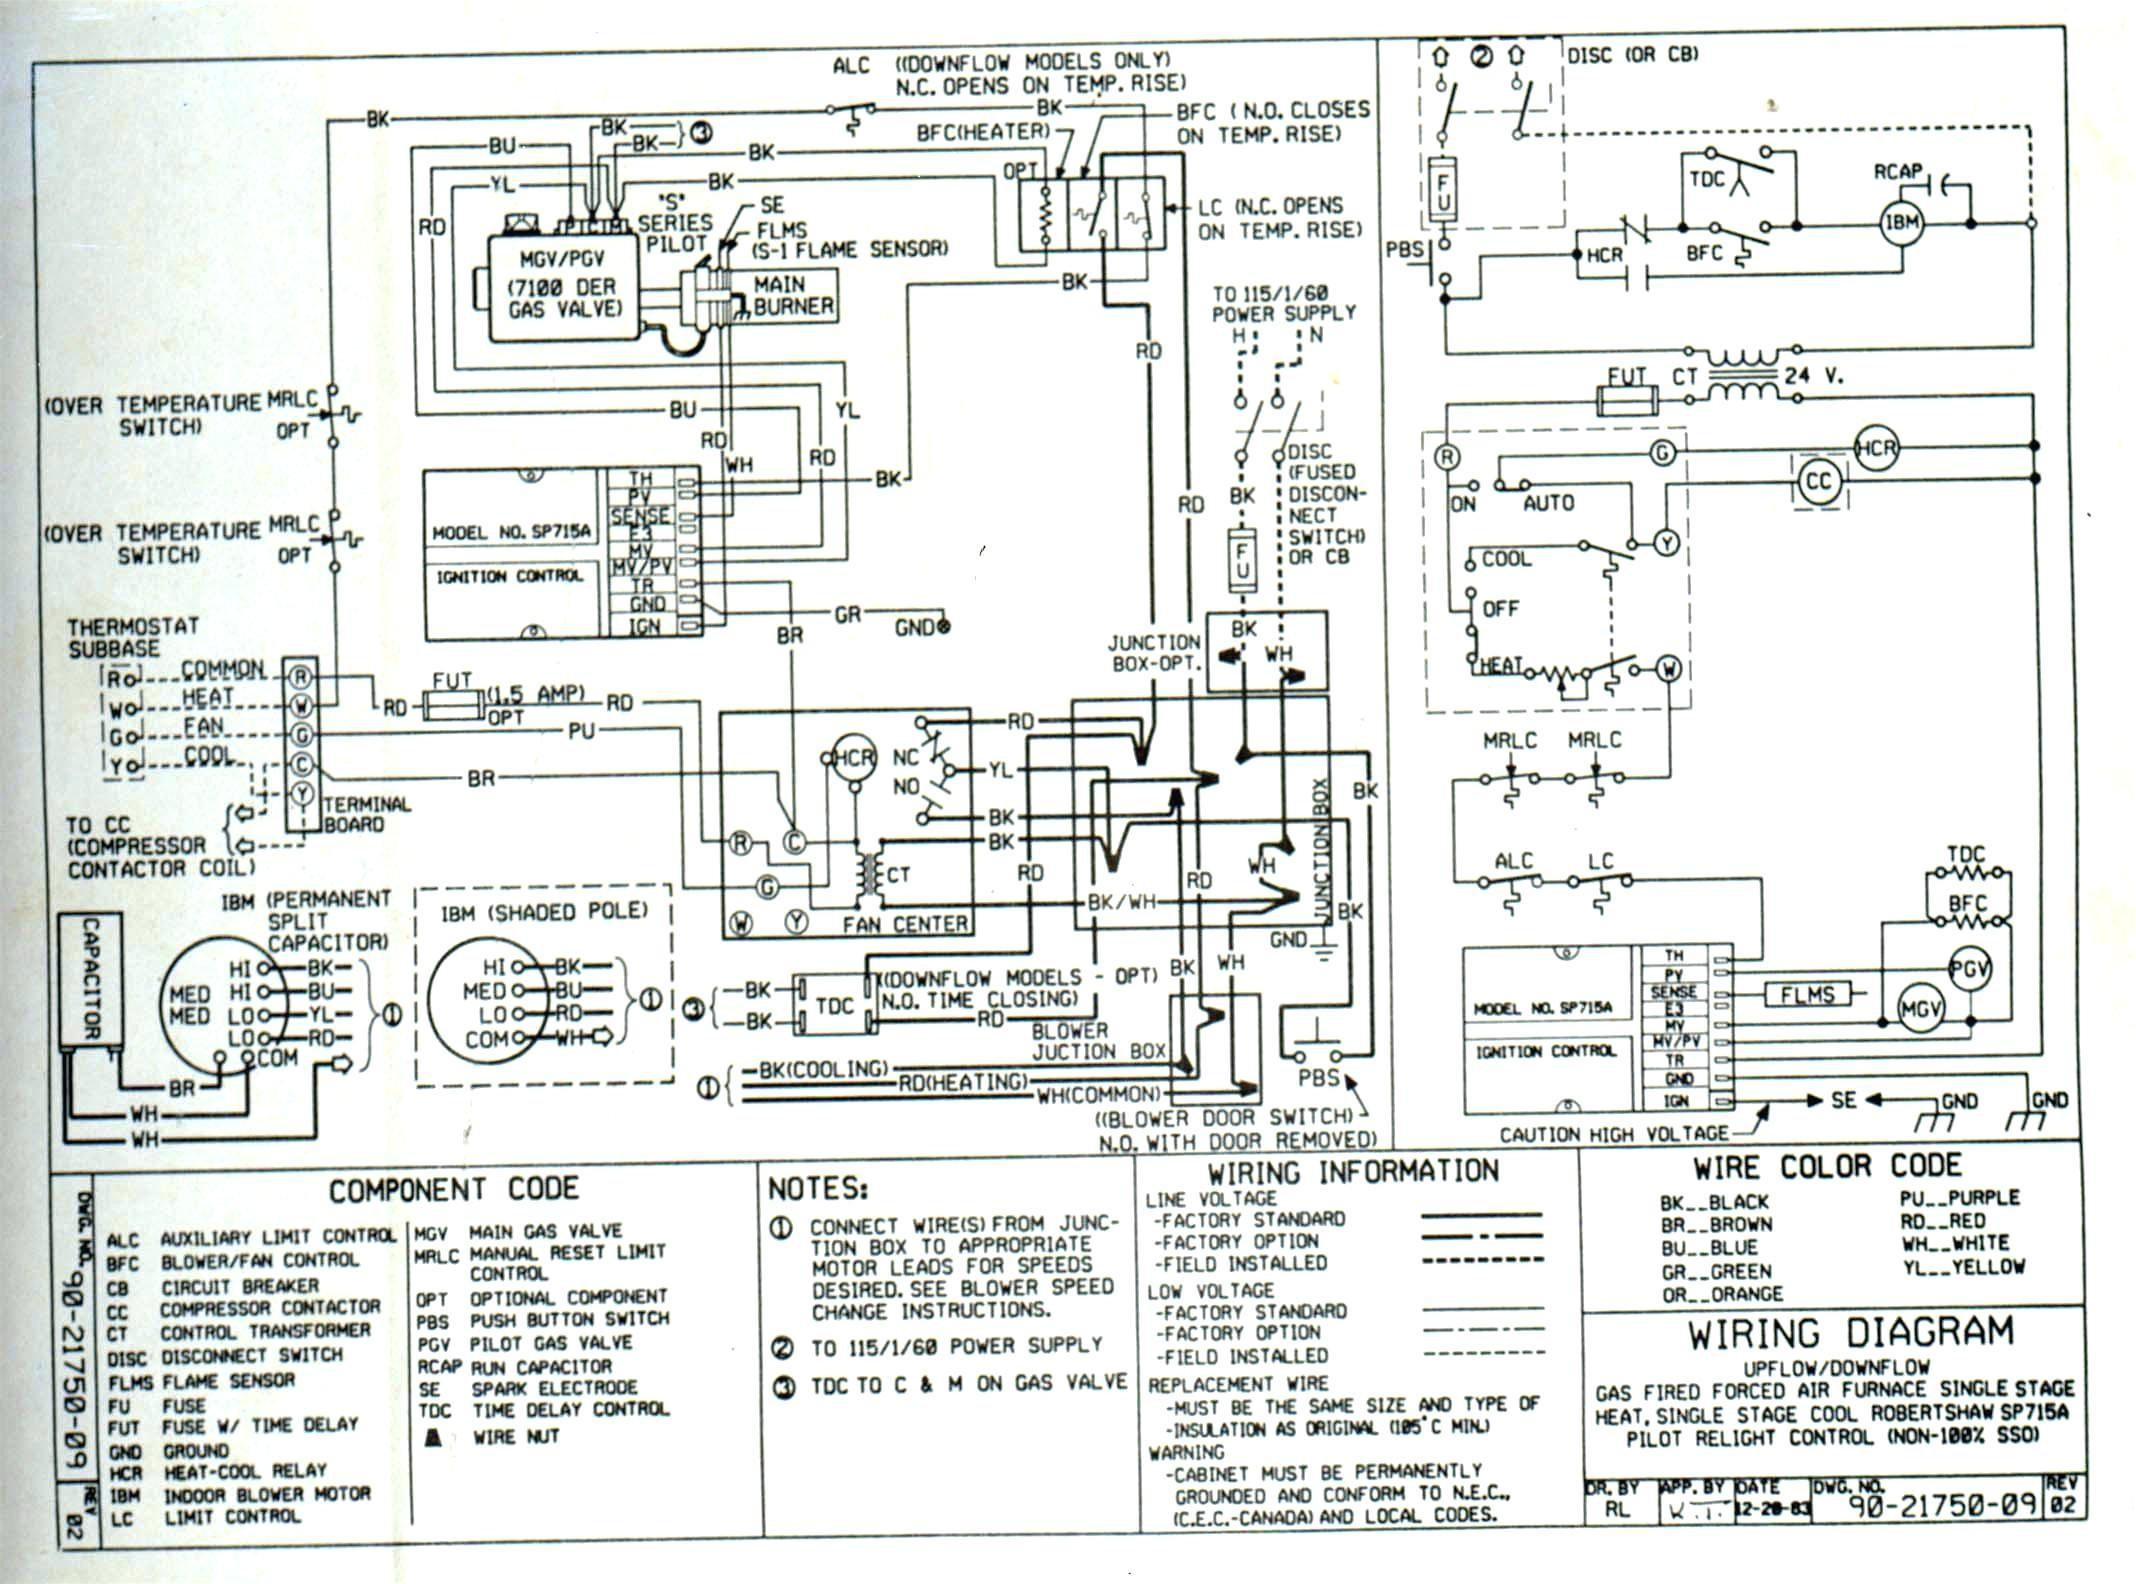 Trane Weathertron thermostat Wiring Diagram Trane Wiring Diagram Of Trane Weathertron thermostat Wiring Diagram